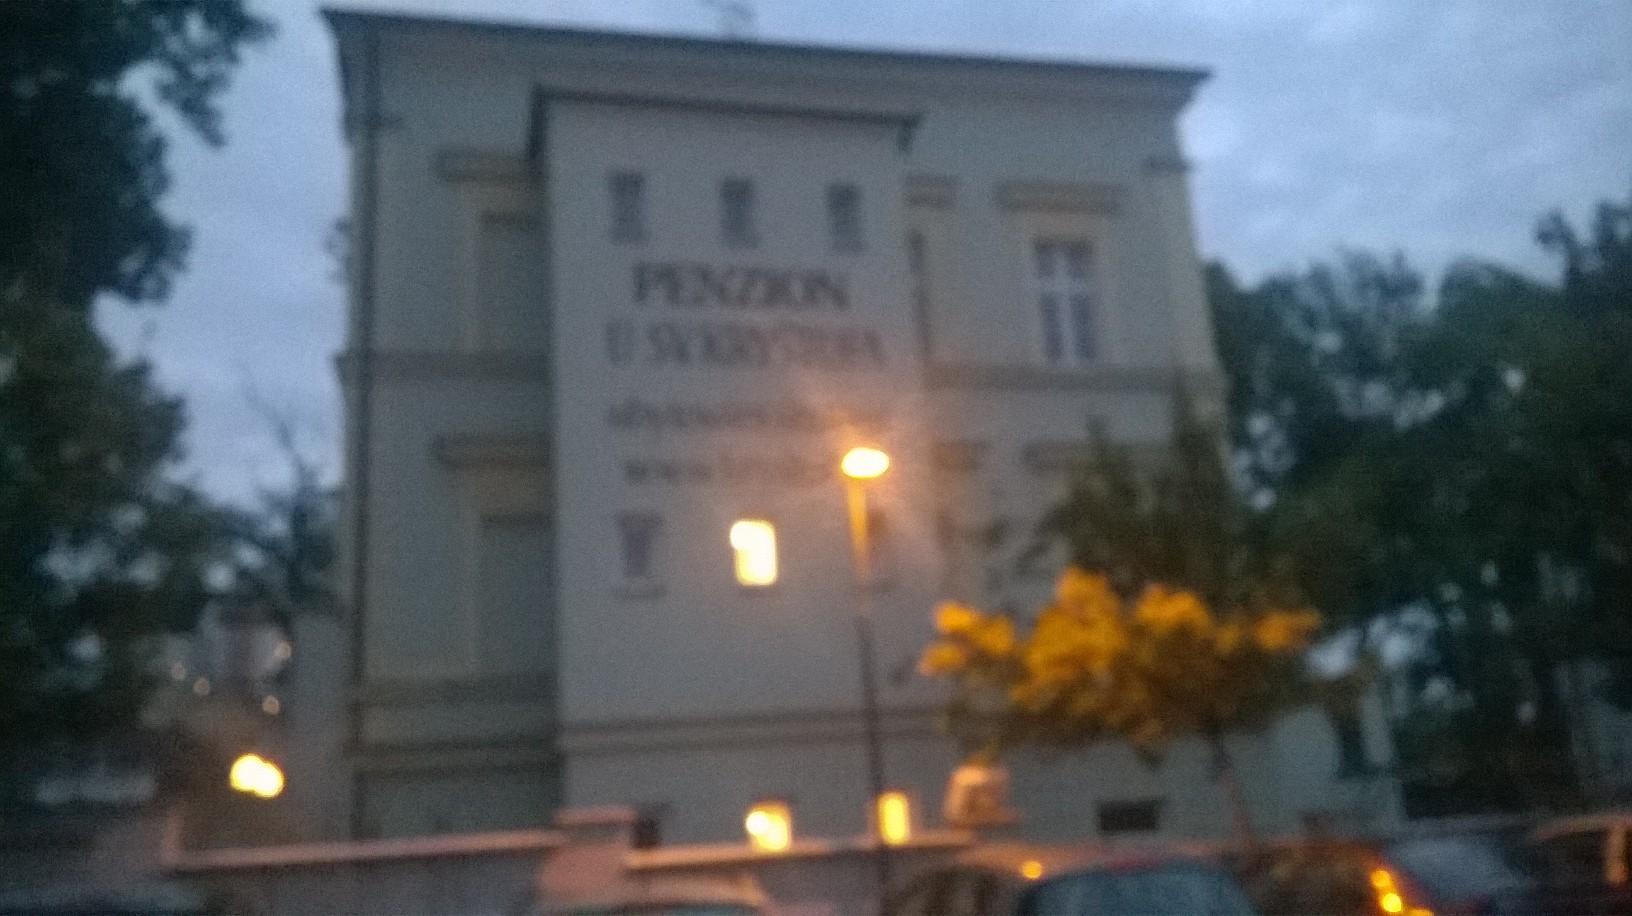 prague-penzion-u-krystof-hotel-side-from-tennis-club-oct16